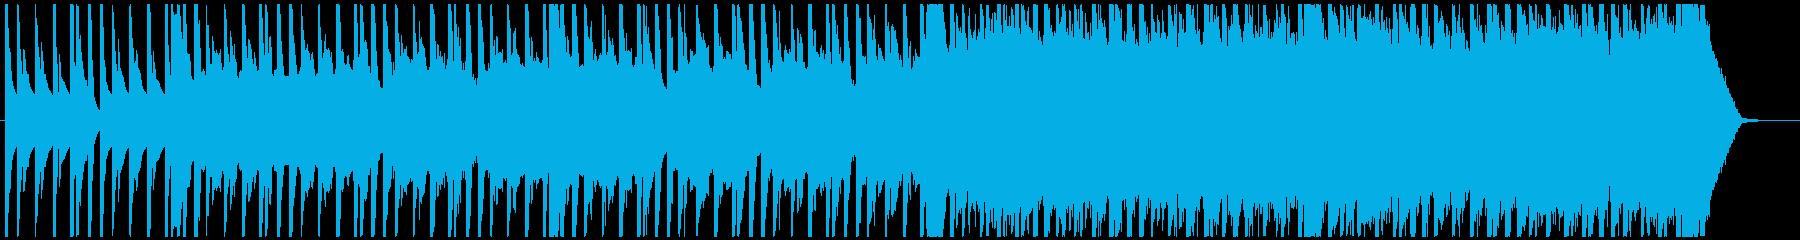 SFレトロゲーム作品をイメージしたBGMの再生済みの波形